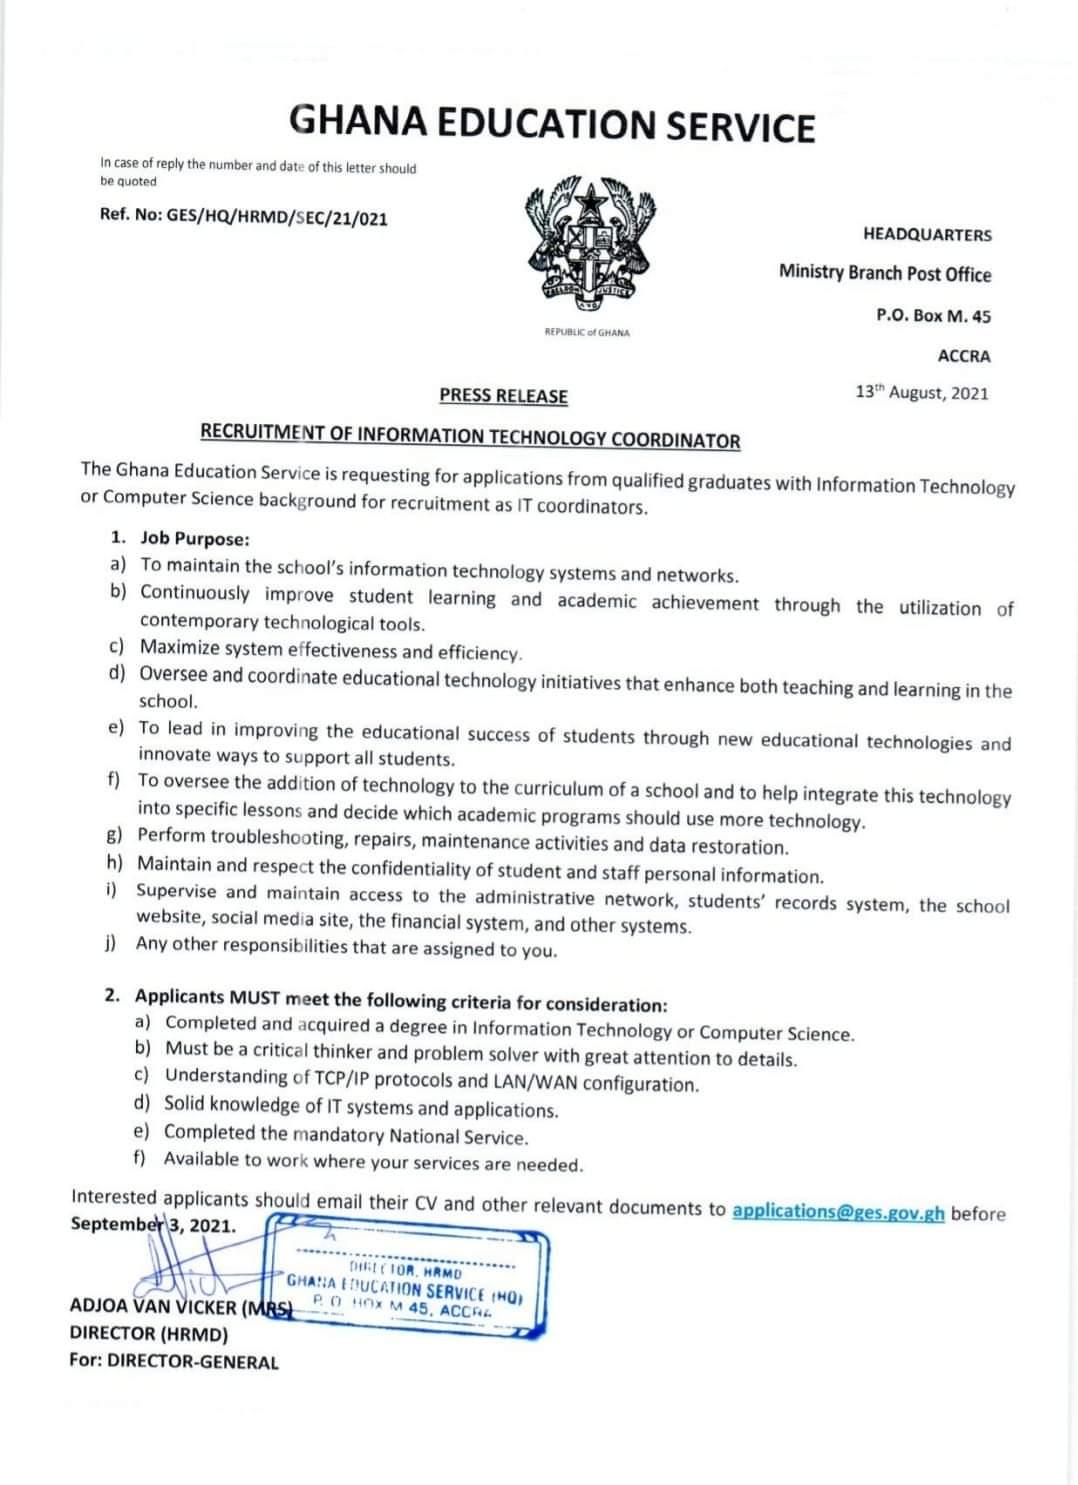 GES announces vacancy for ICT Coordinators in Schools | 1